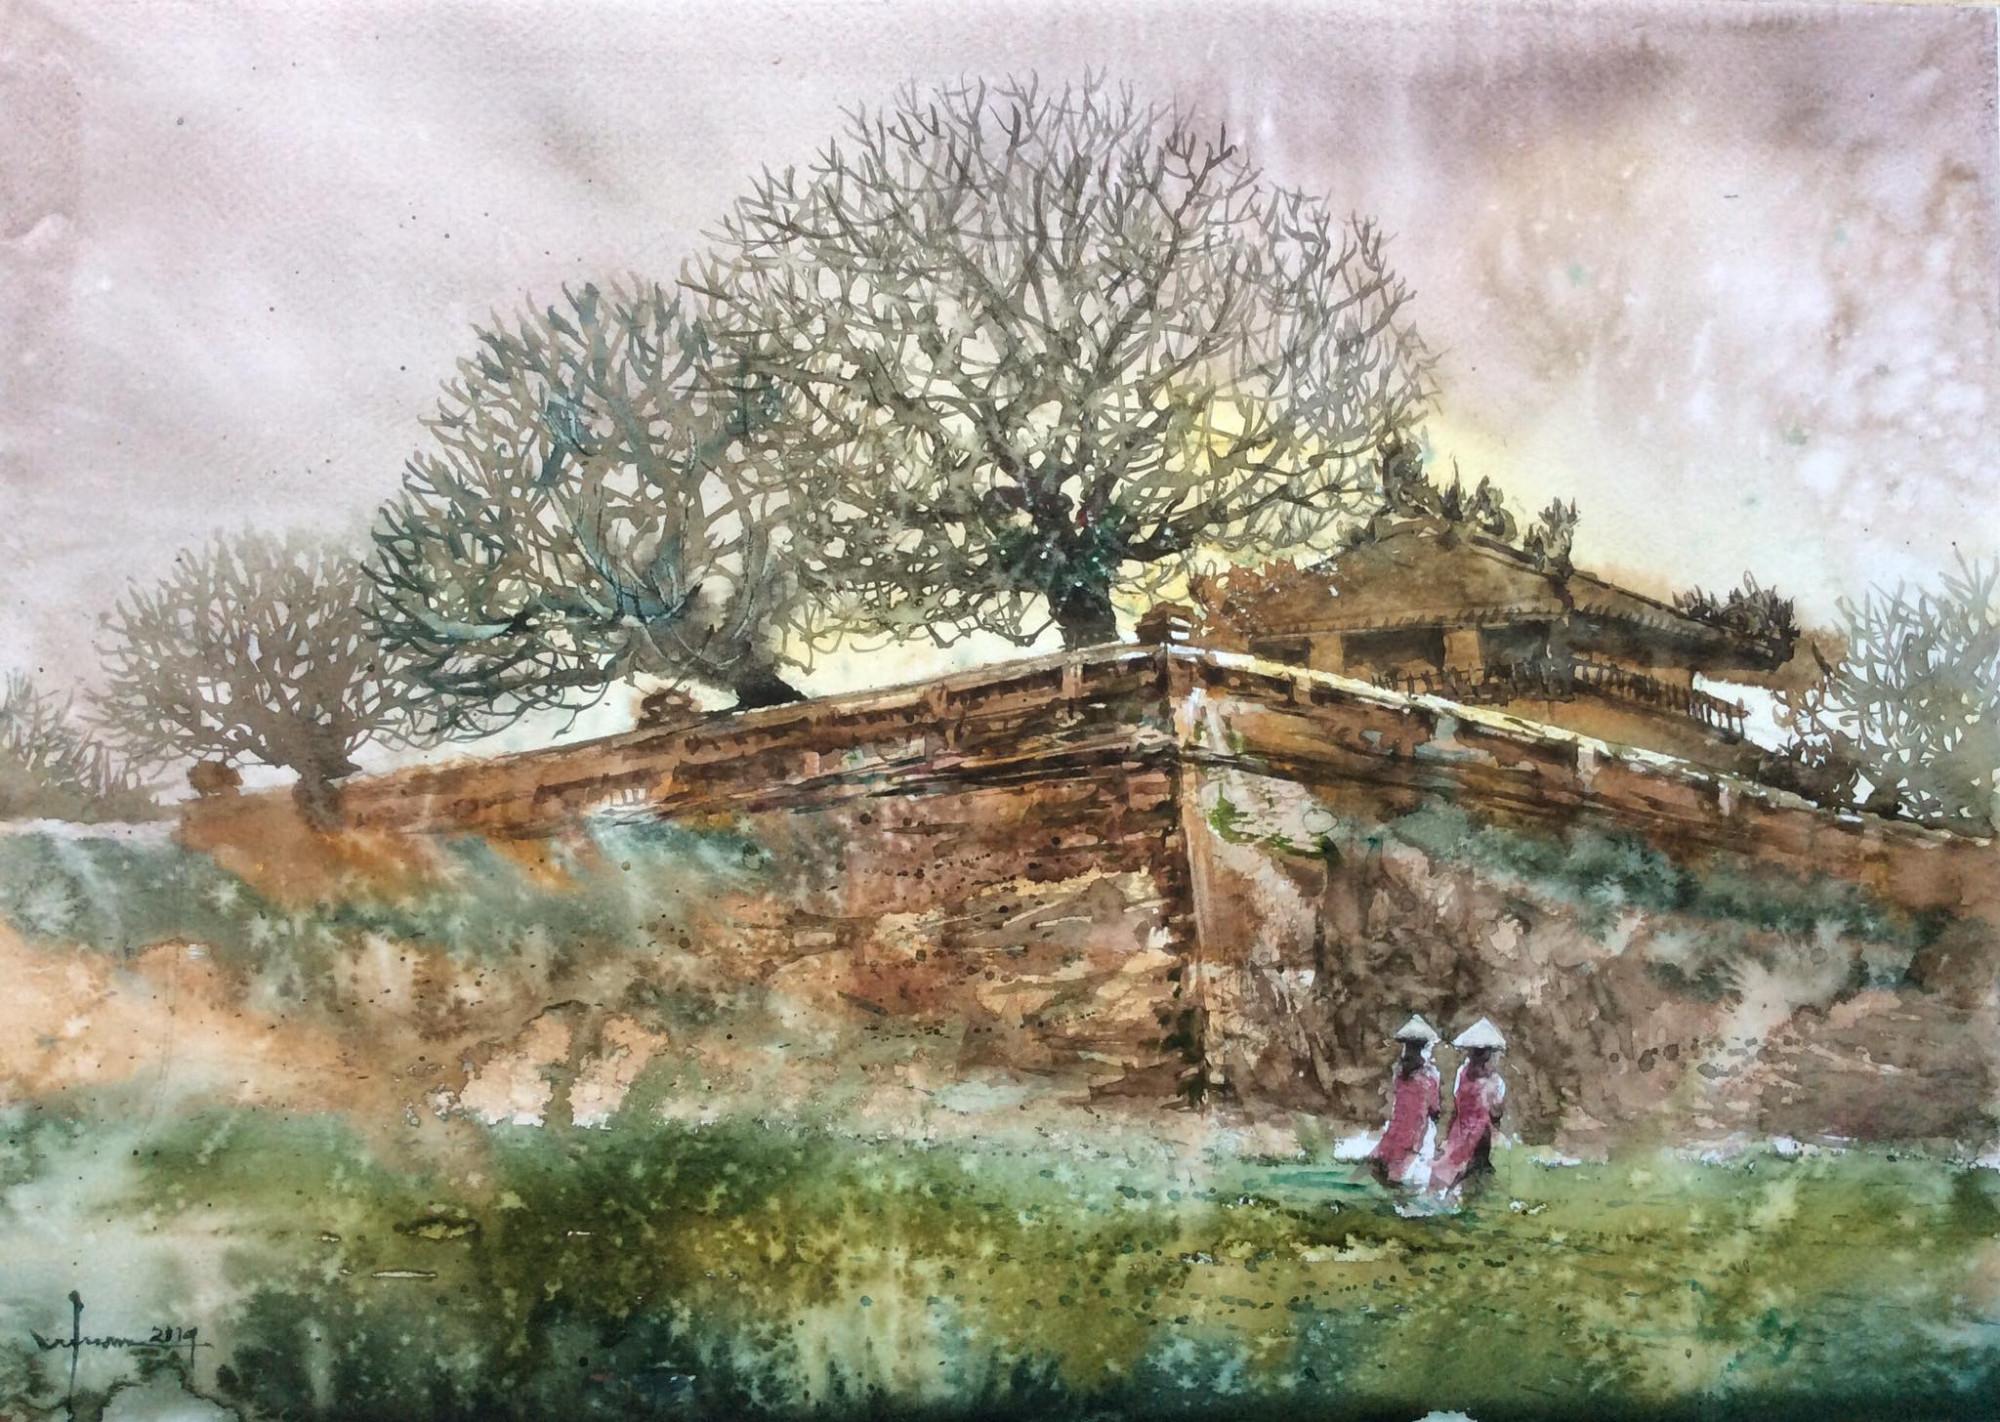 Tranh của họa sĩ Phan Vũ Tuấn in trong tác phẩm